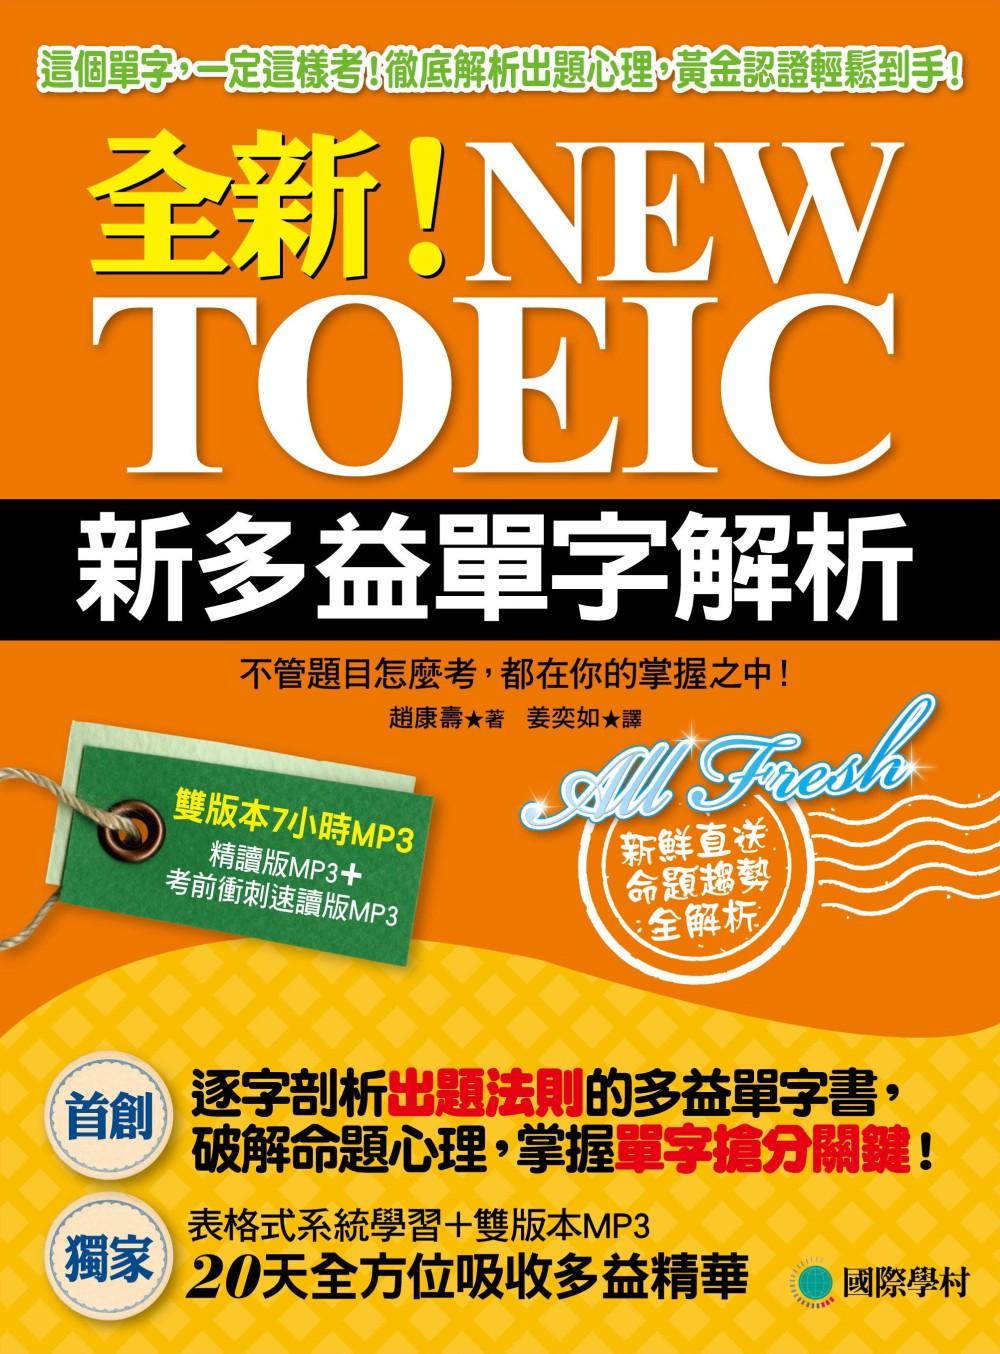 全新!NEW TOEIC新多益單字解析:這個單字,一定這樣考!徹底解析出題心理,黃金認證輕鬆到手! (附精讀.速讀雙版本MP3)